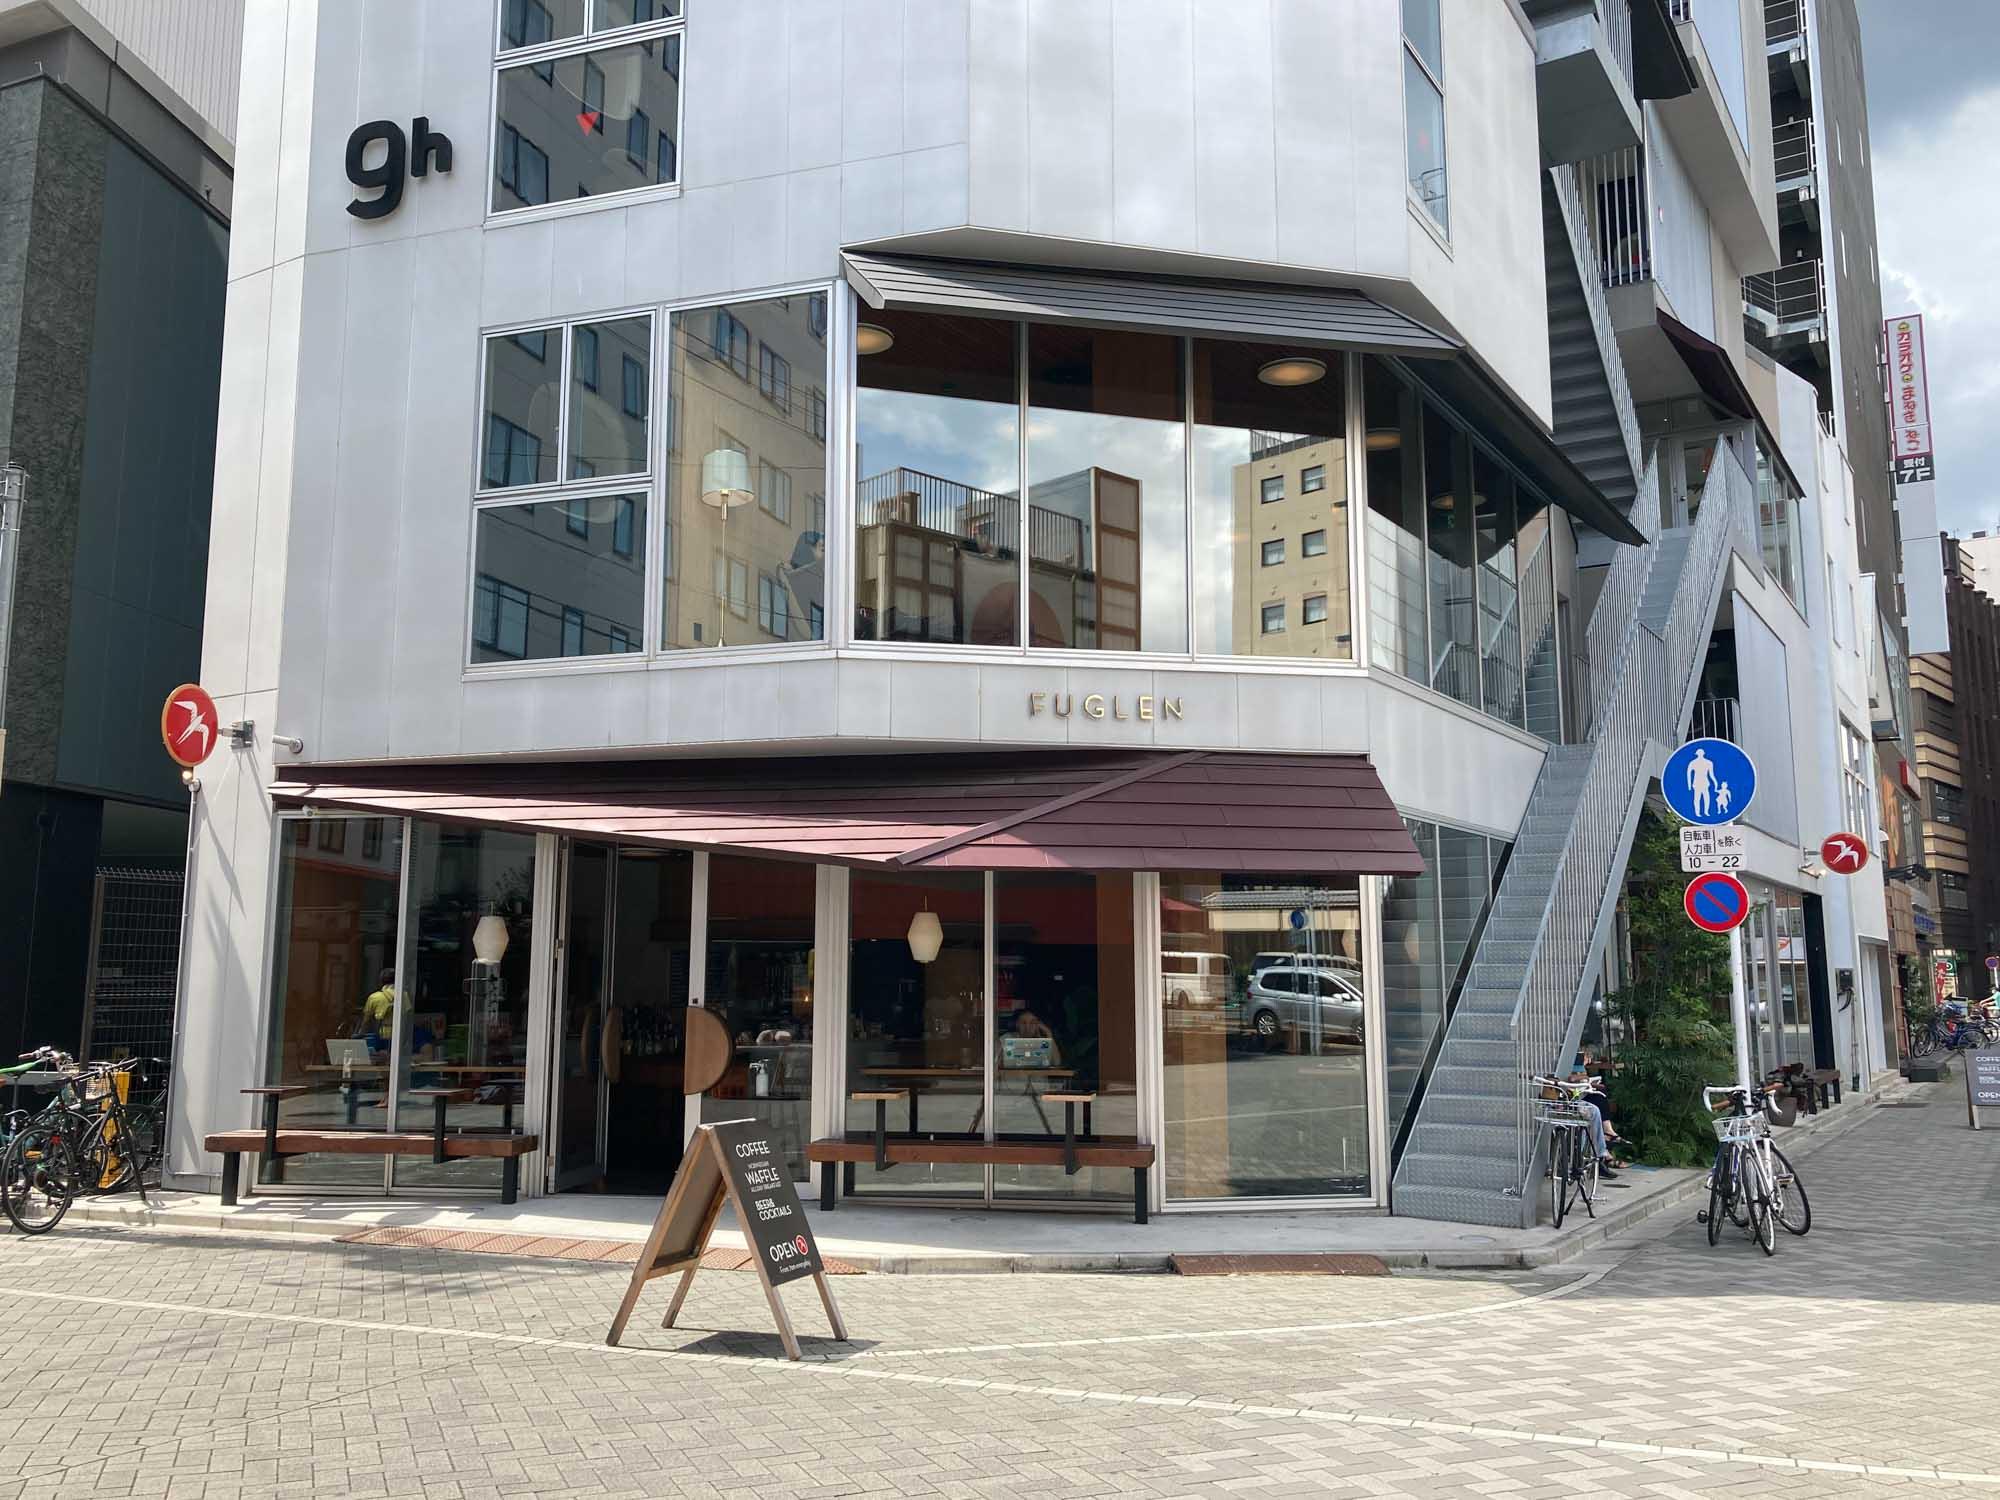 そして浅草は「昔ながら」や「老舗」だけじゃないんですよ。ホテルお隣には、goodroom journal で取材したこともあるコーヒーショップ、フグレンの浅草店が。